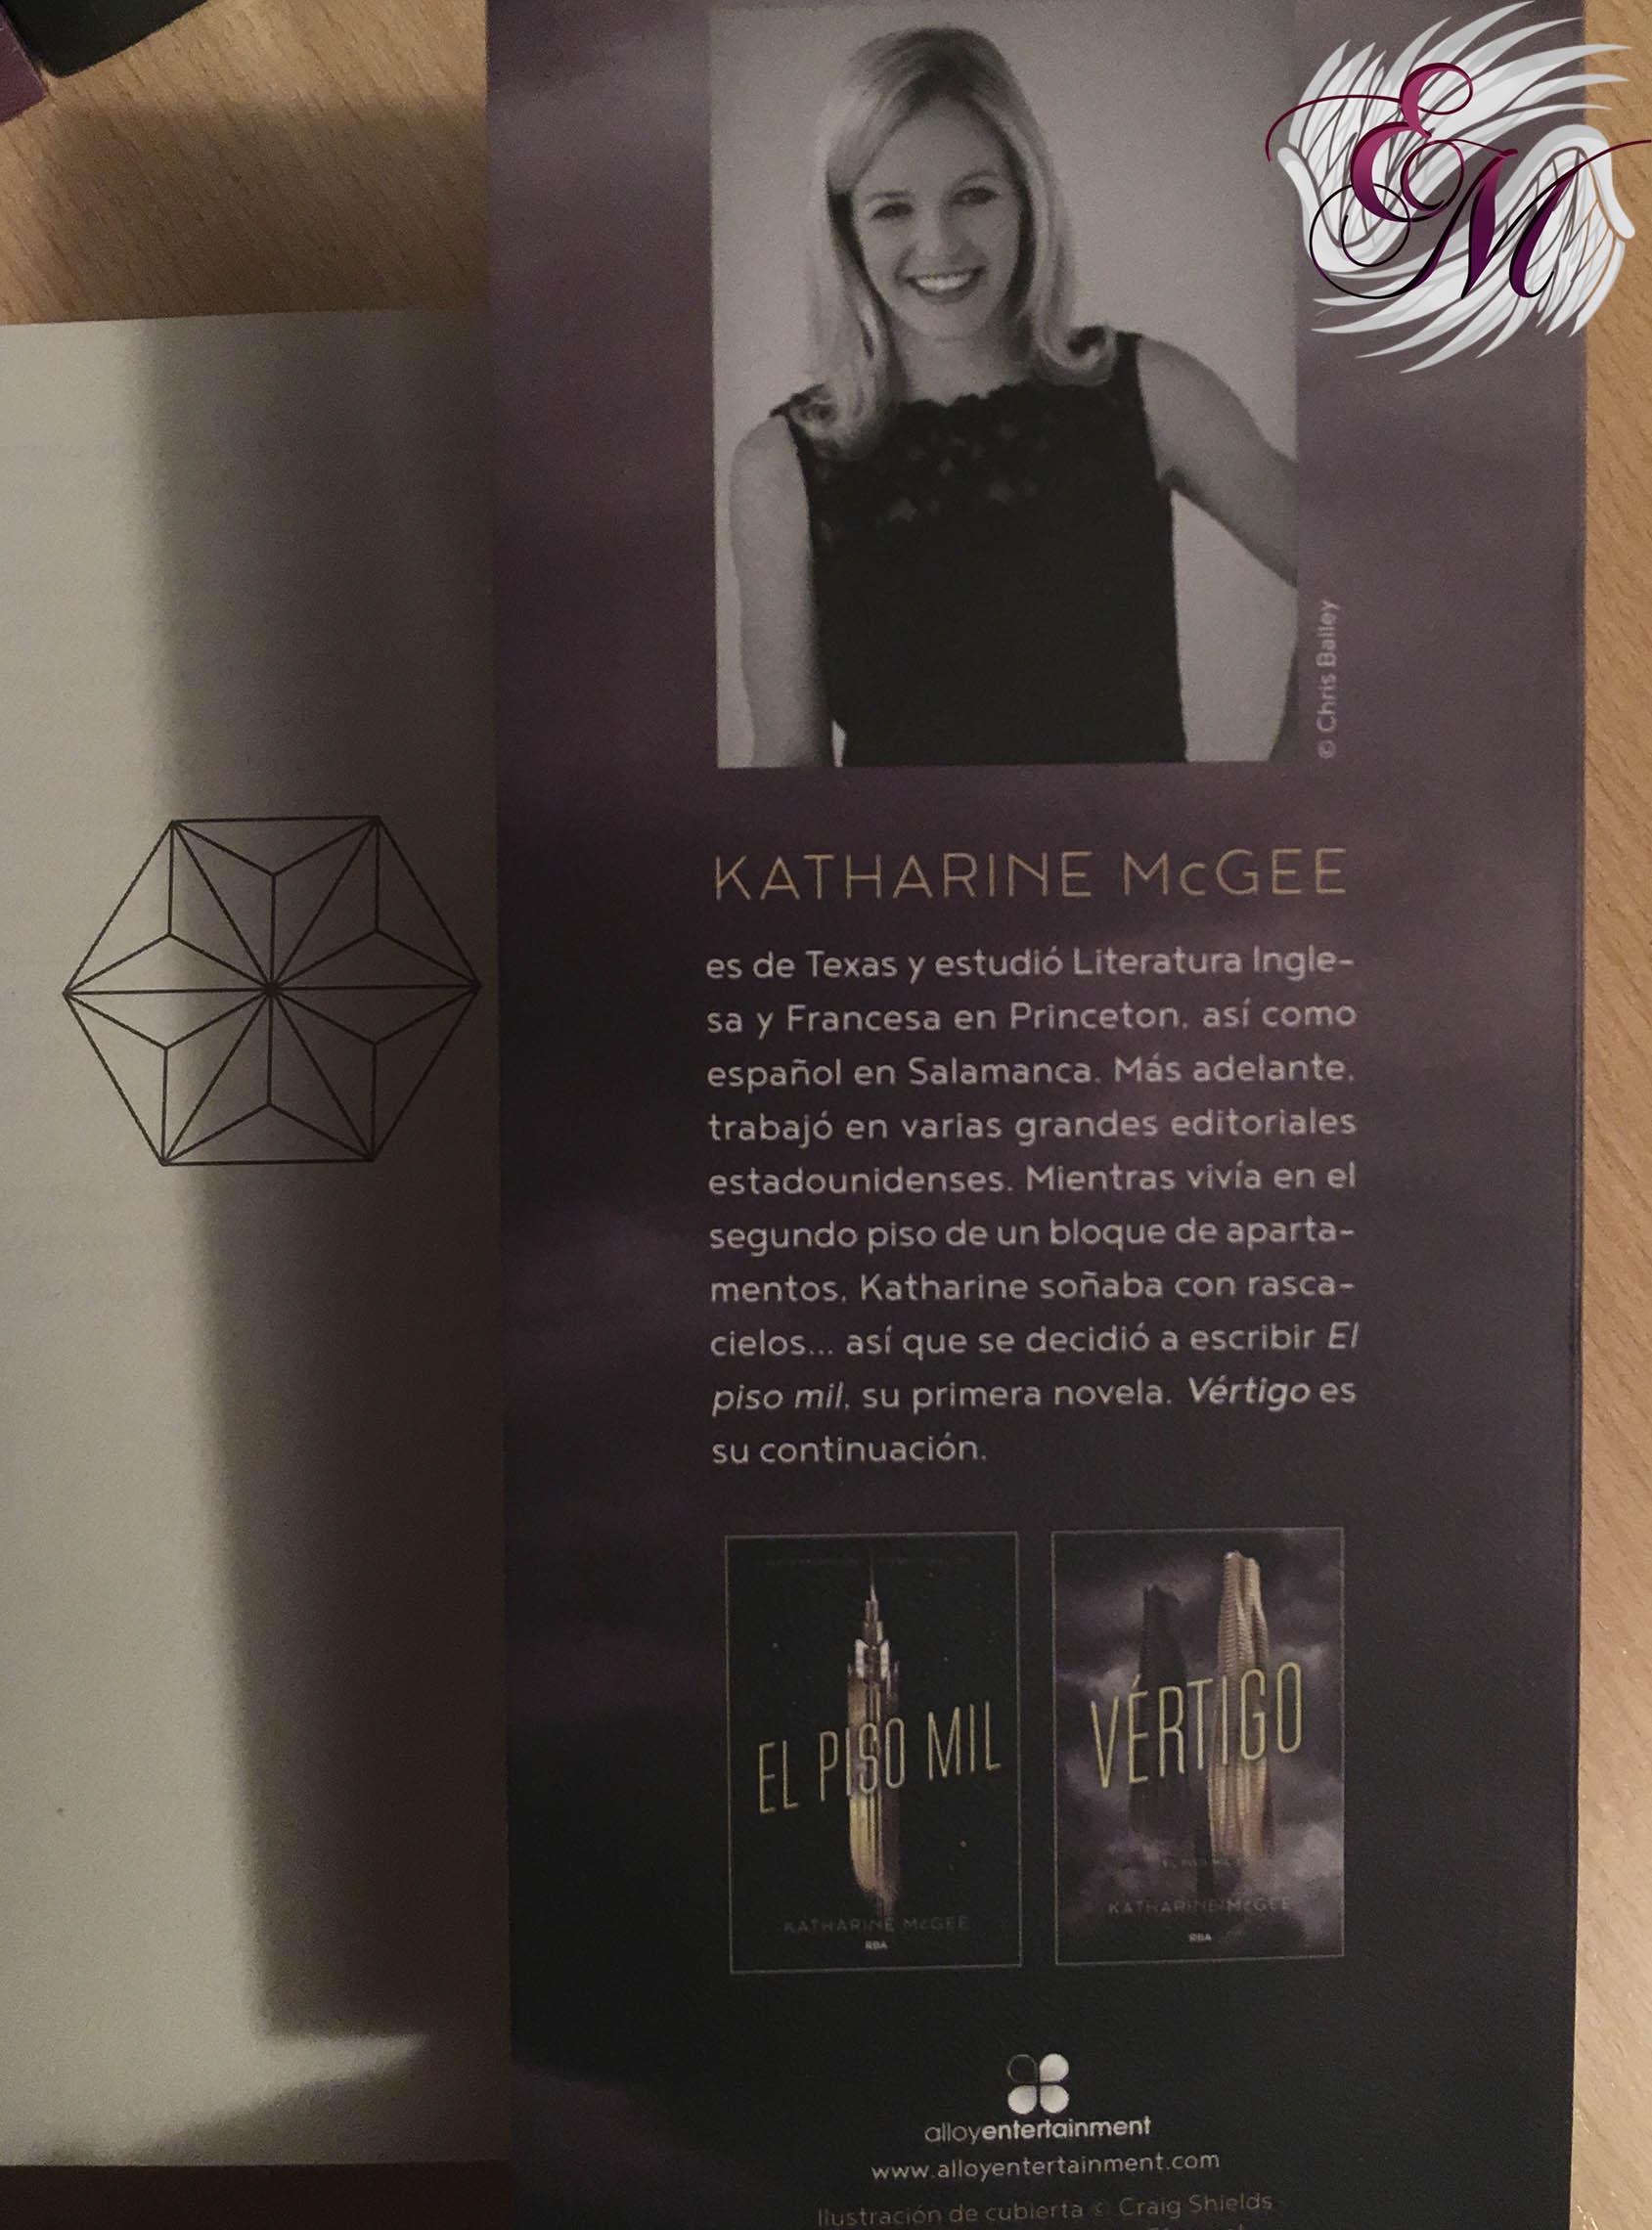 Vértigo, de Katharine McGee - Reseña